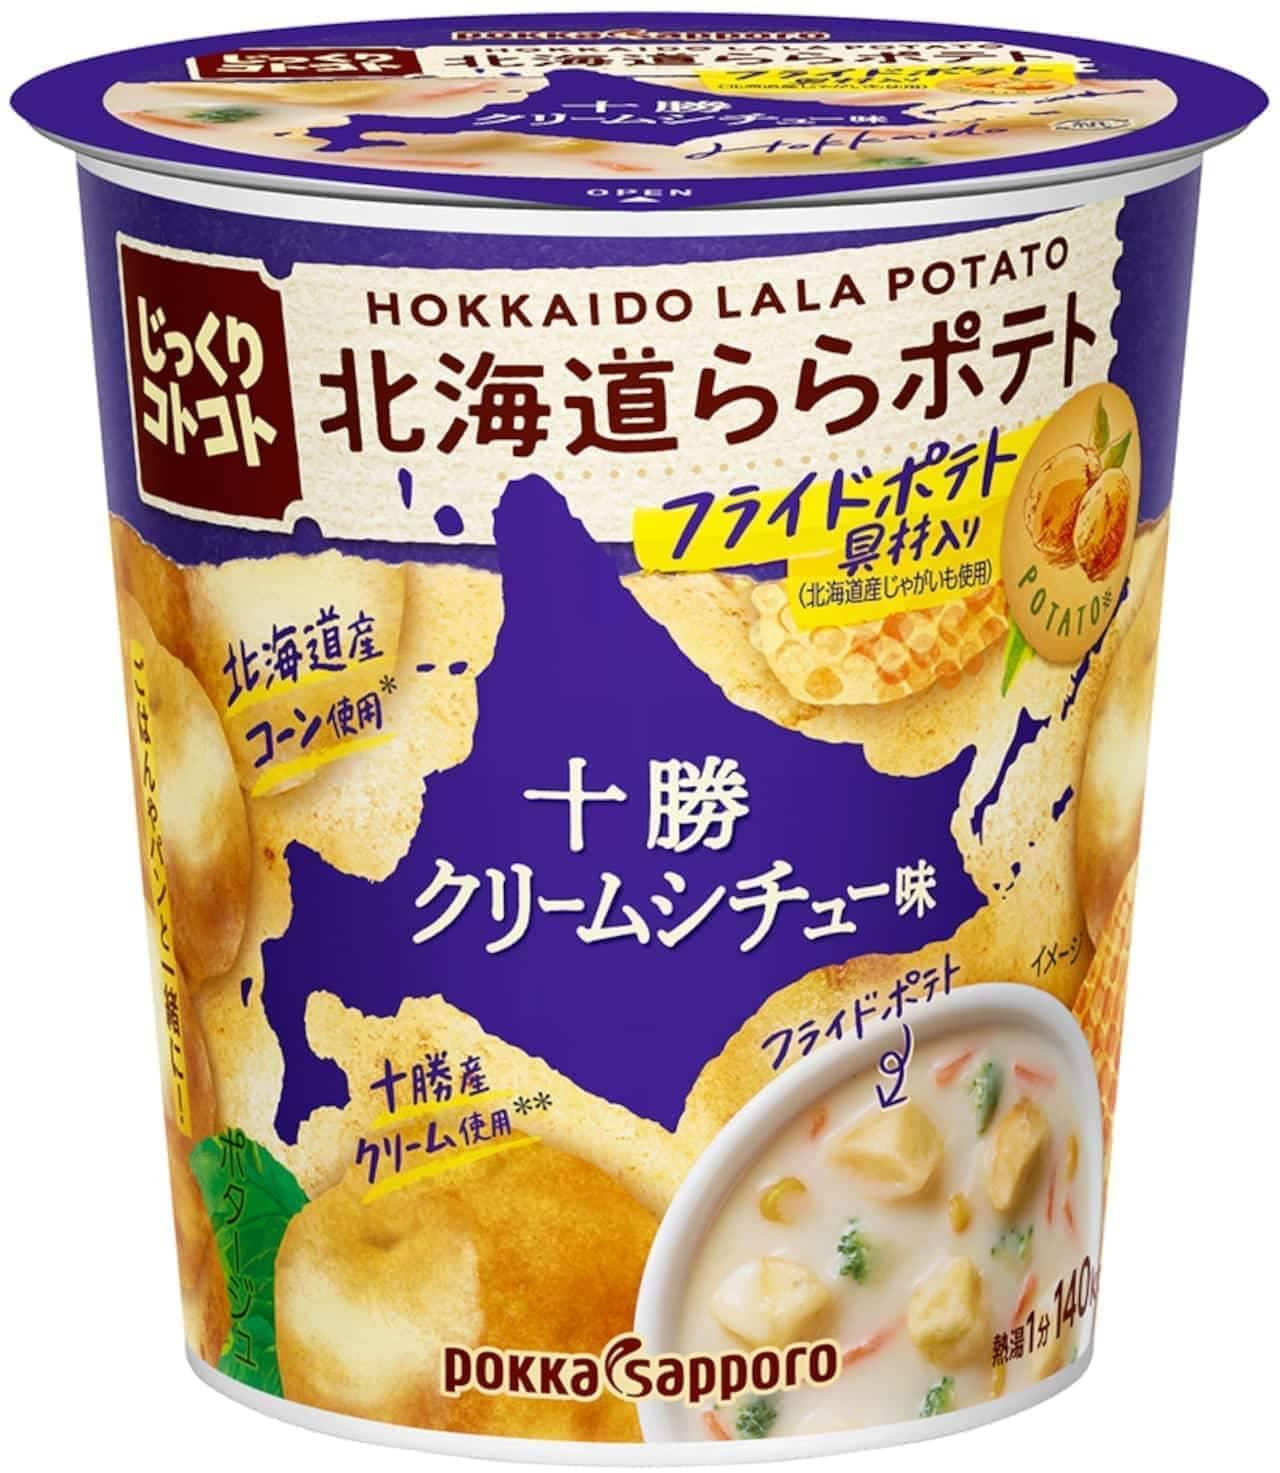 ポッカサッポロ「北海道ららポテト富良野オムカレー味」「北海道ららポテト十勝クリームシチュー味」